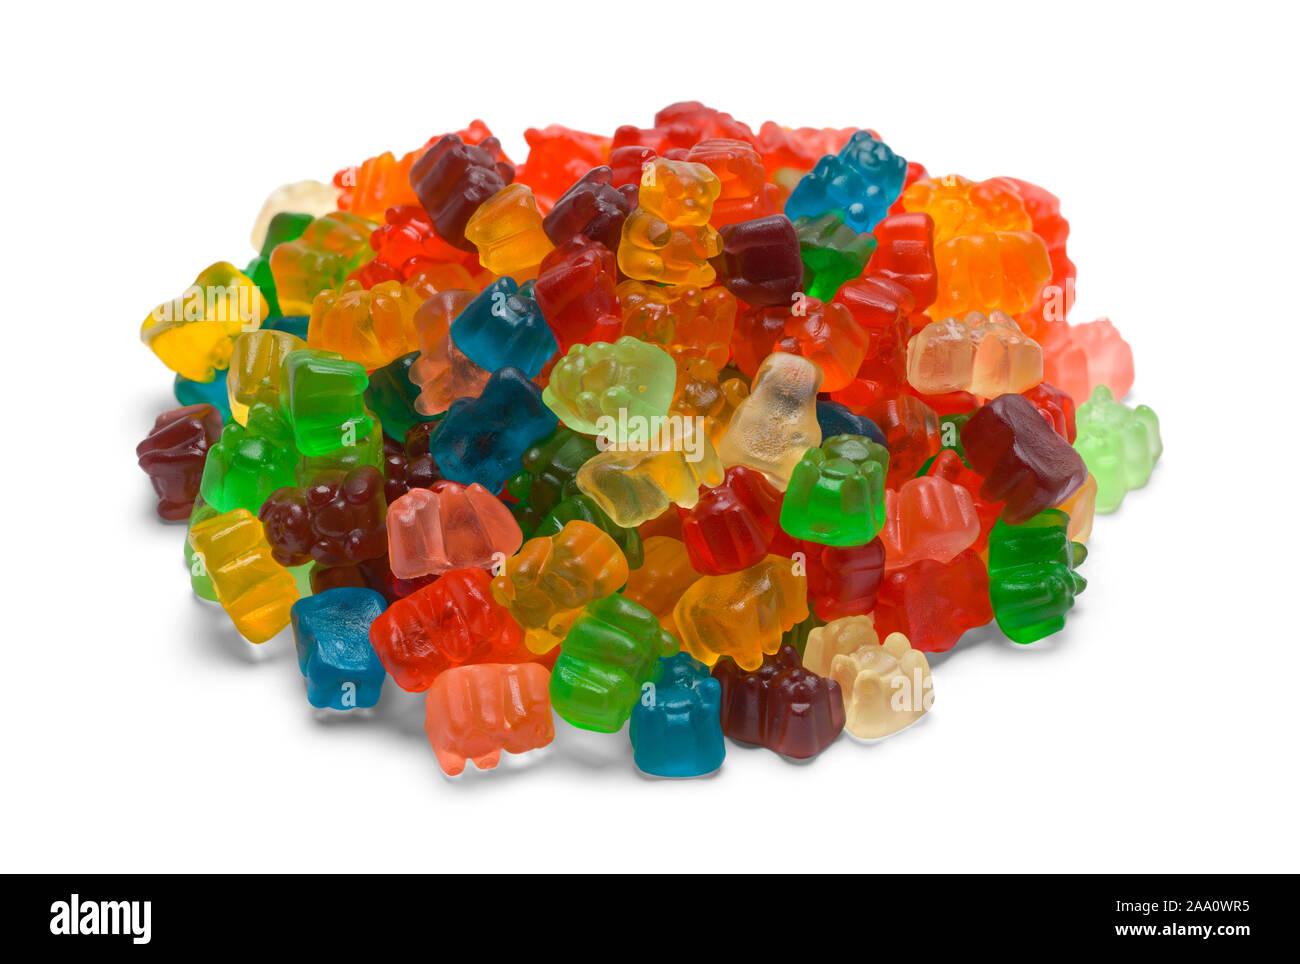 Pile d'ours gommeux colorées isolé sur fond blanc. Banque D'Images